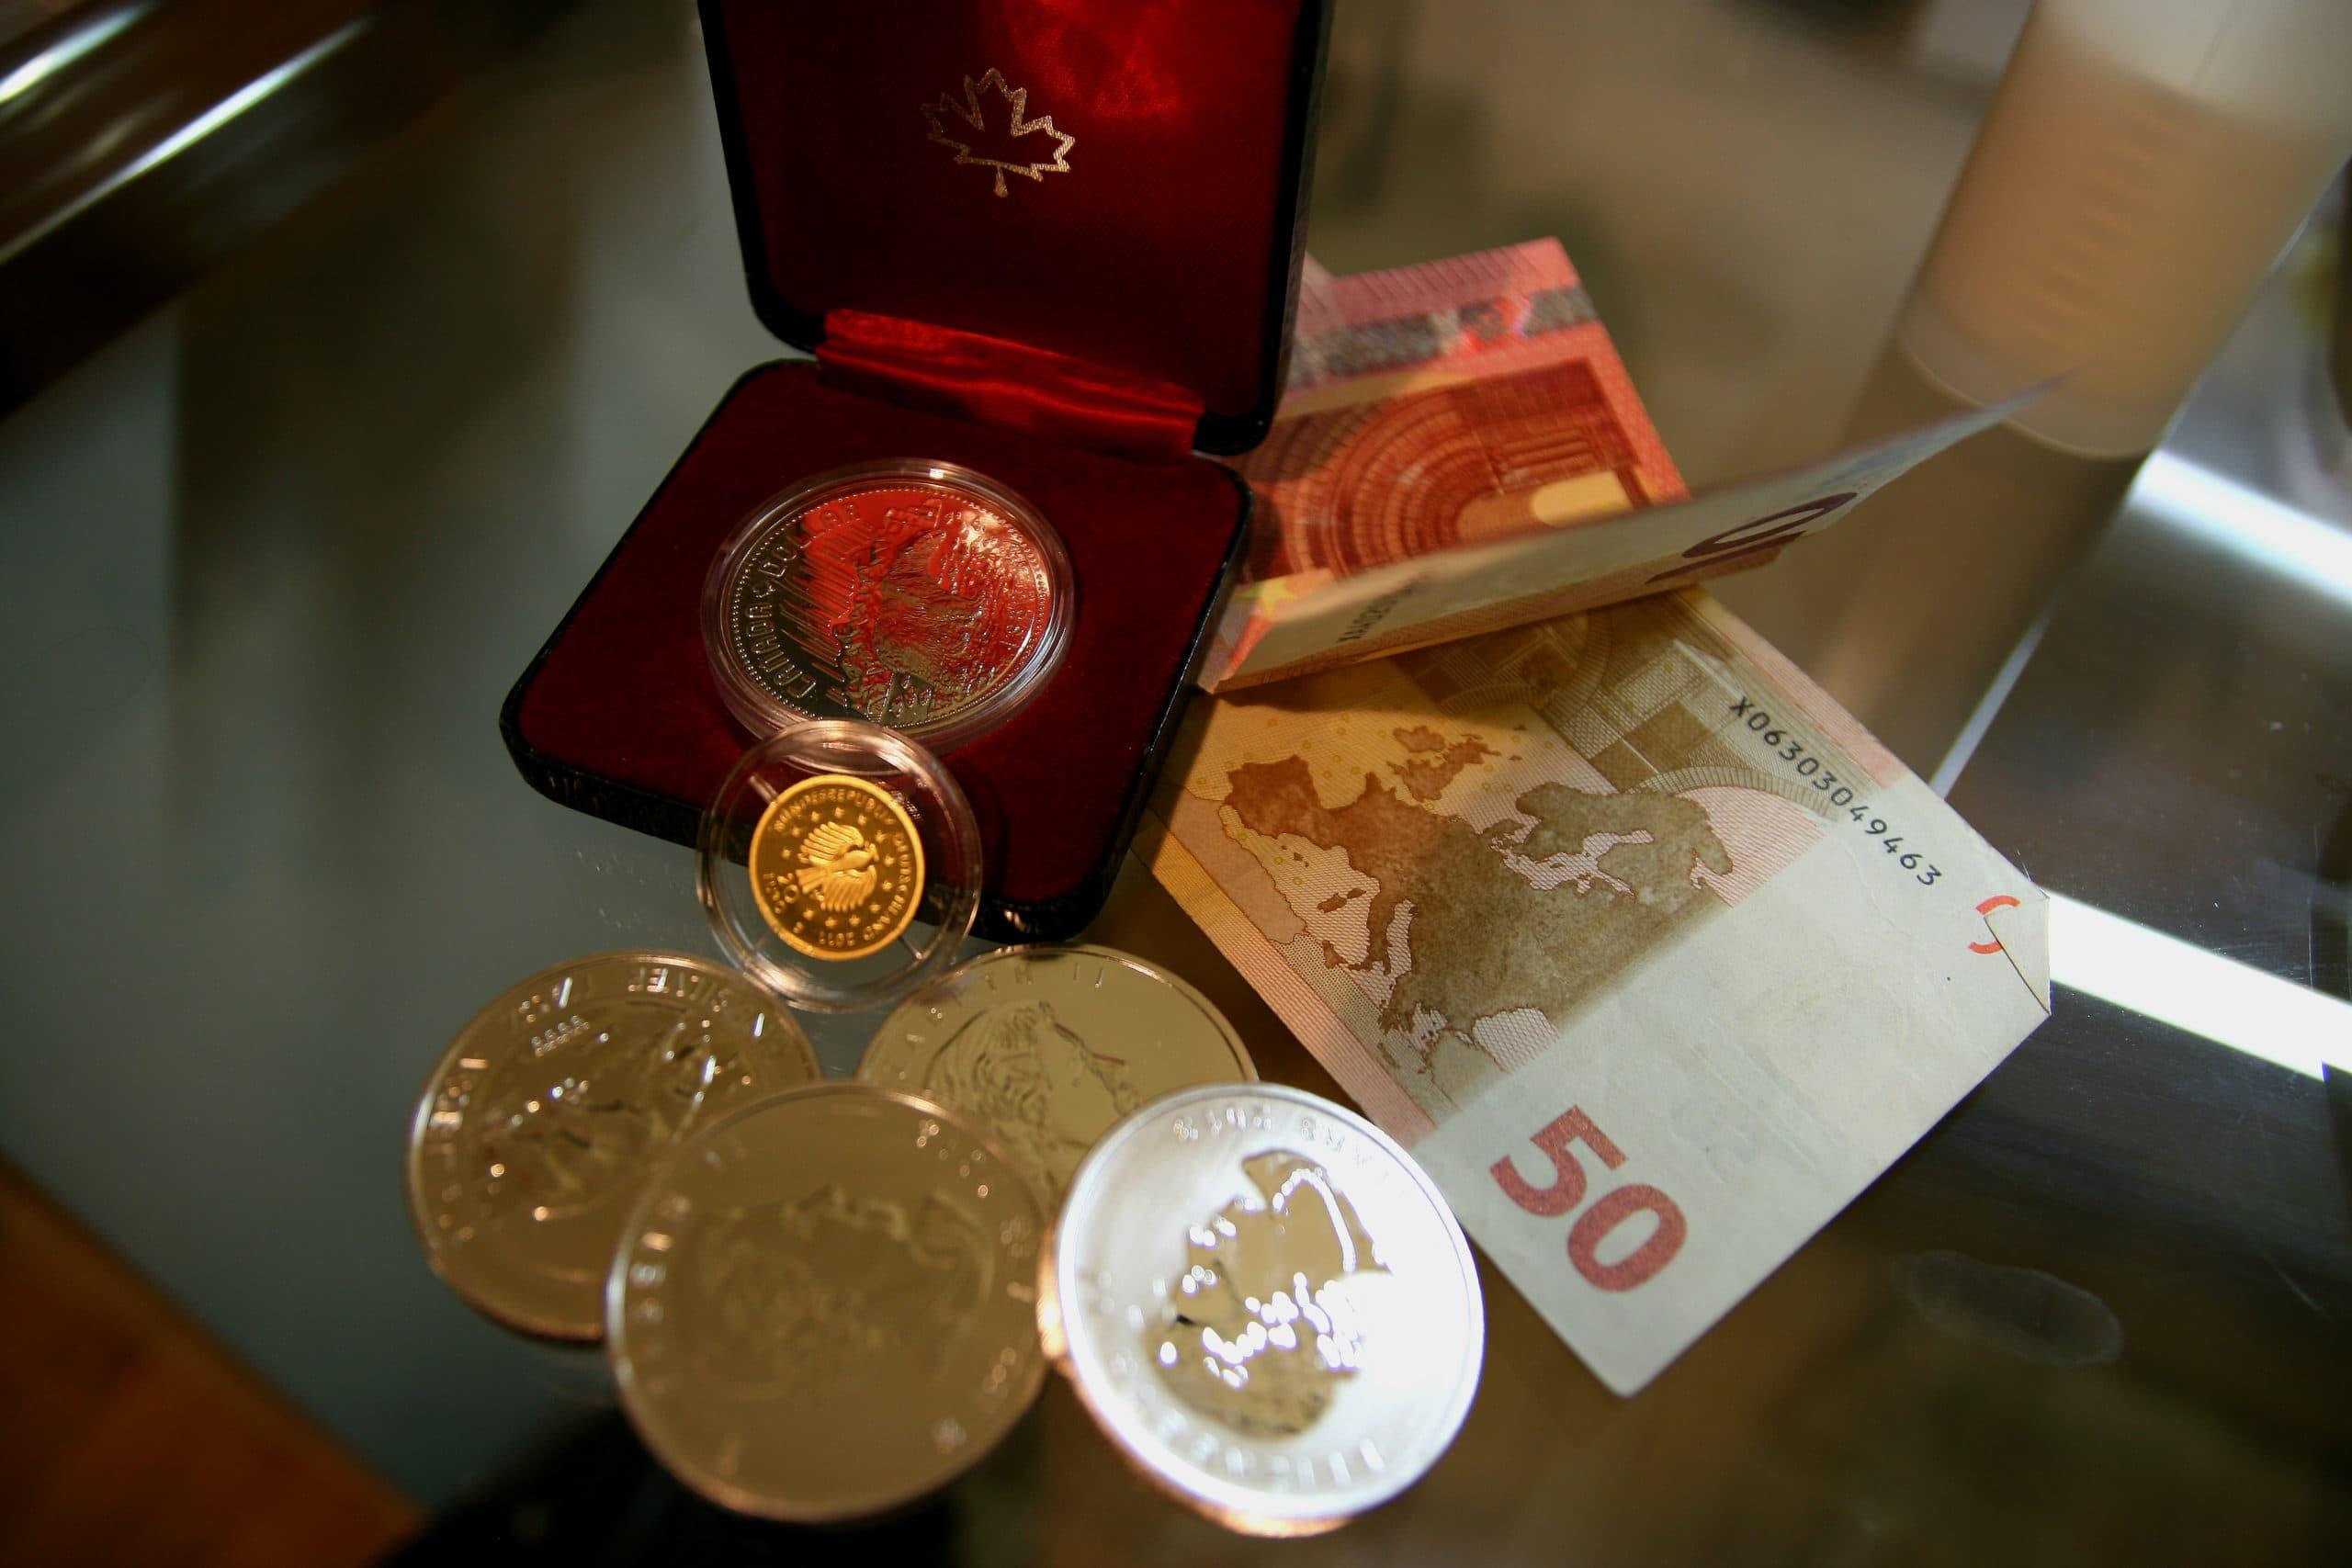 Gold wertbeständiger als Geld